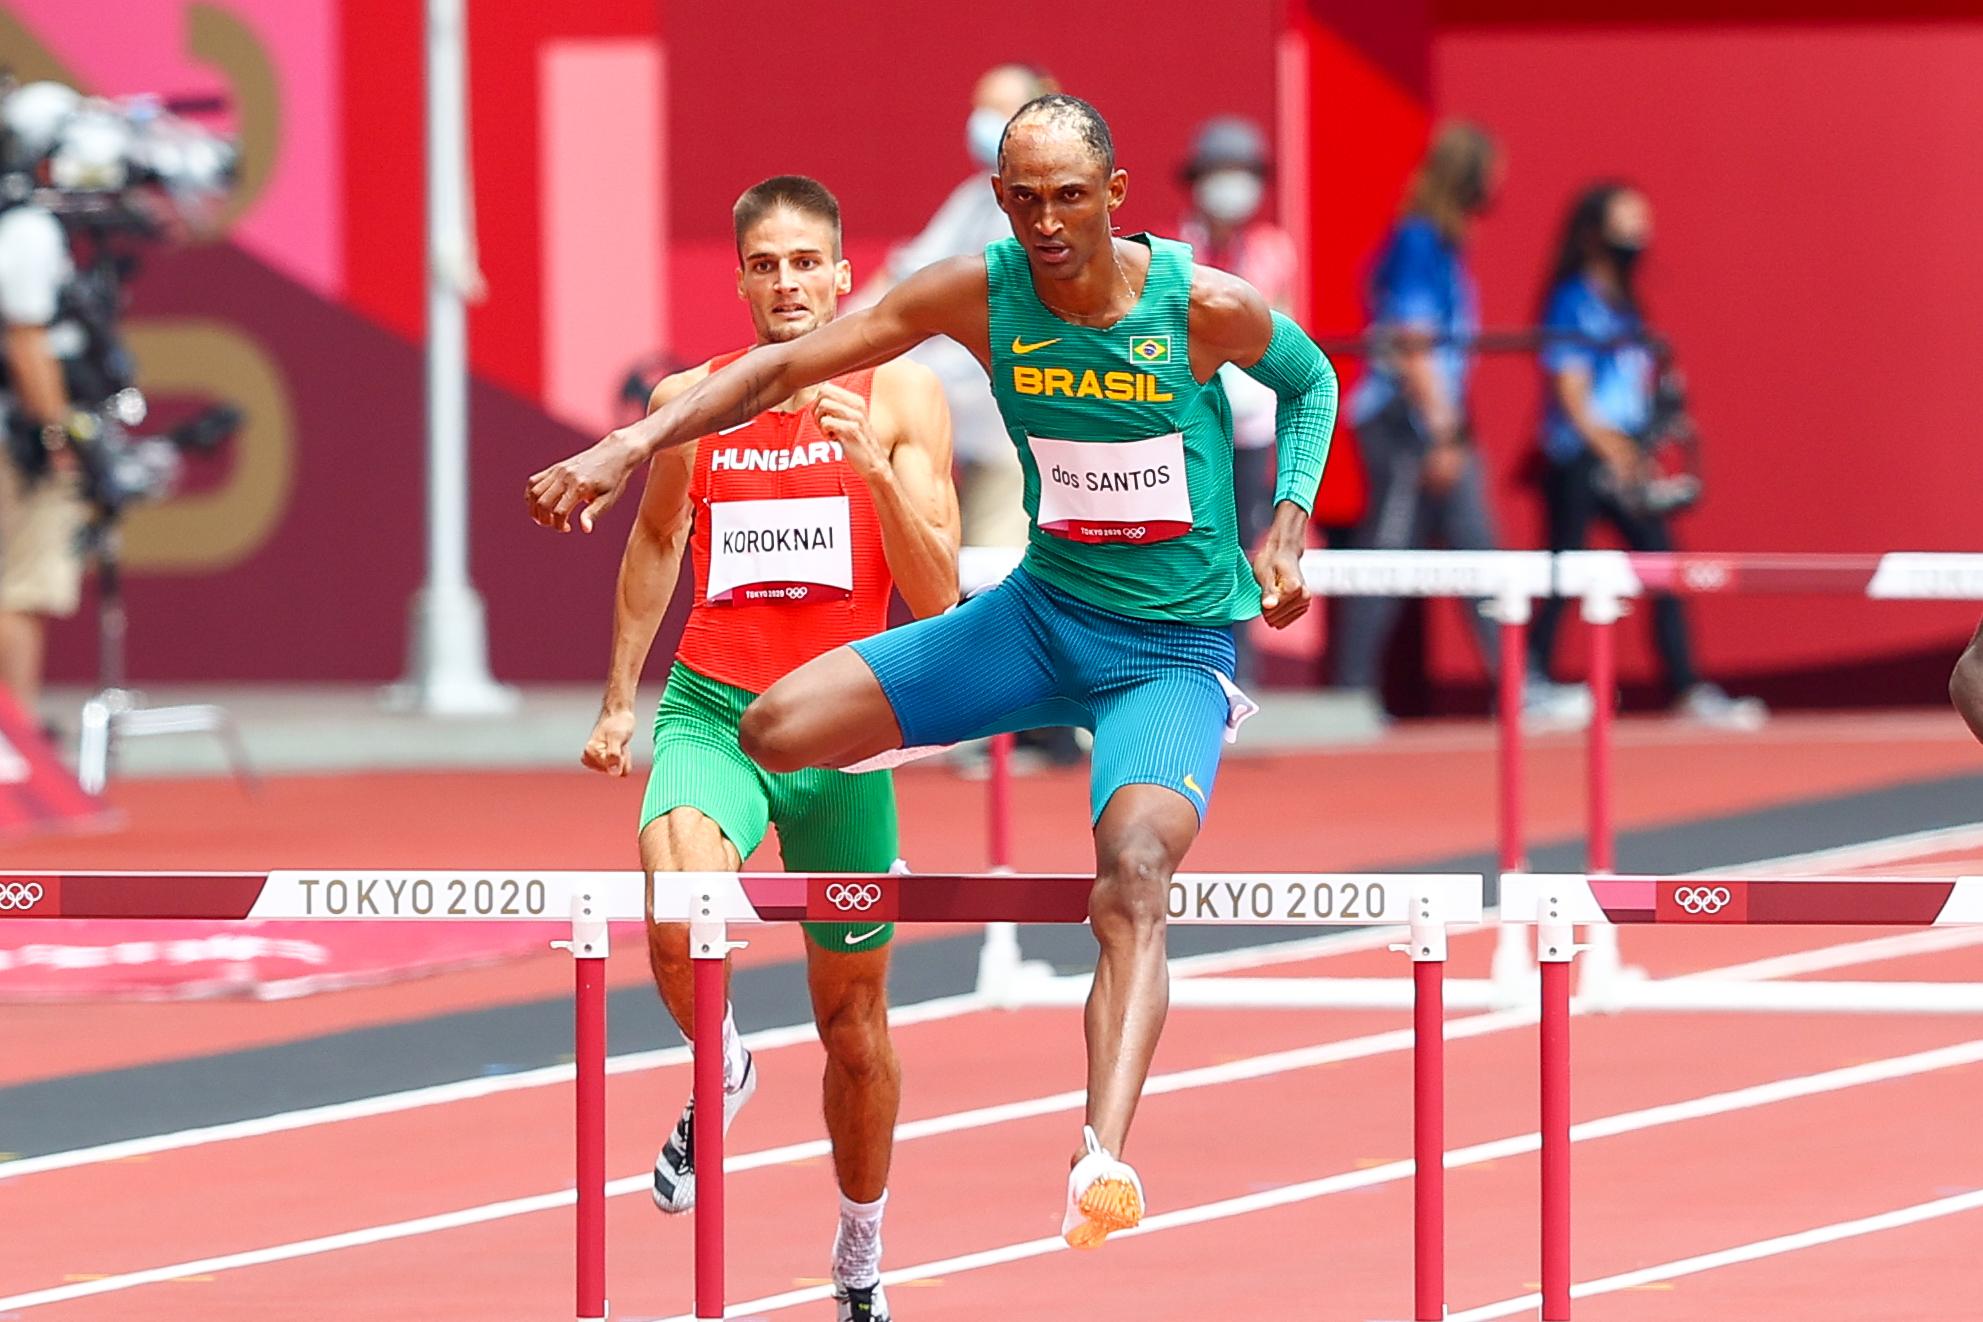 Alison dos Santos corre bem e vai às semifinais dos Jogos de Tóquio